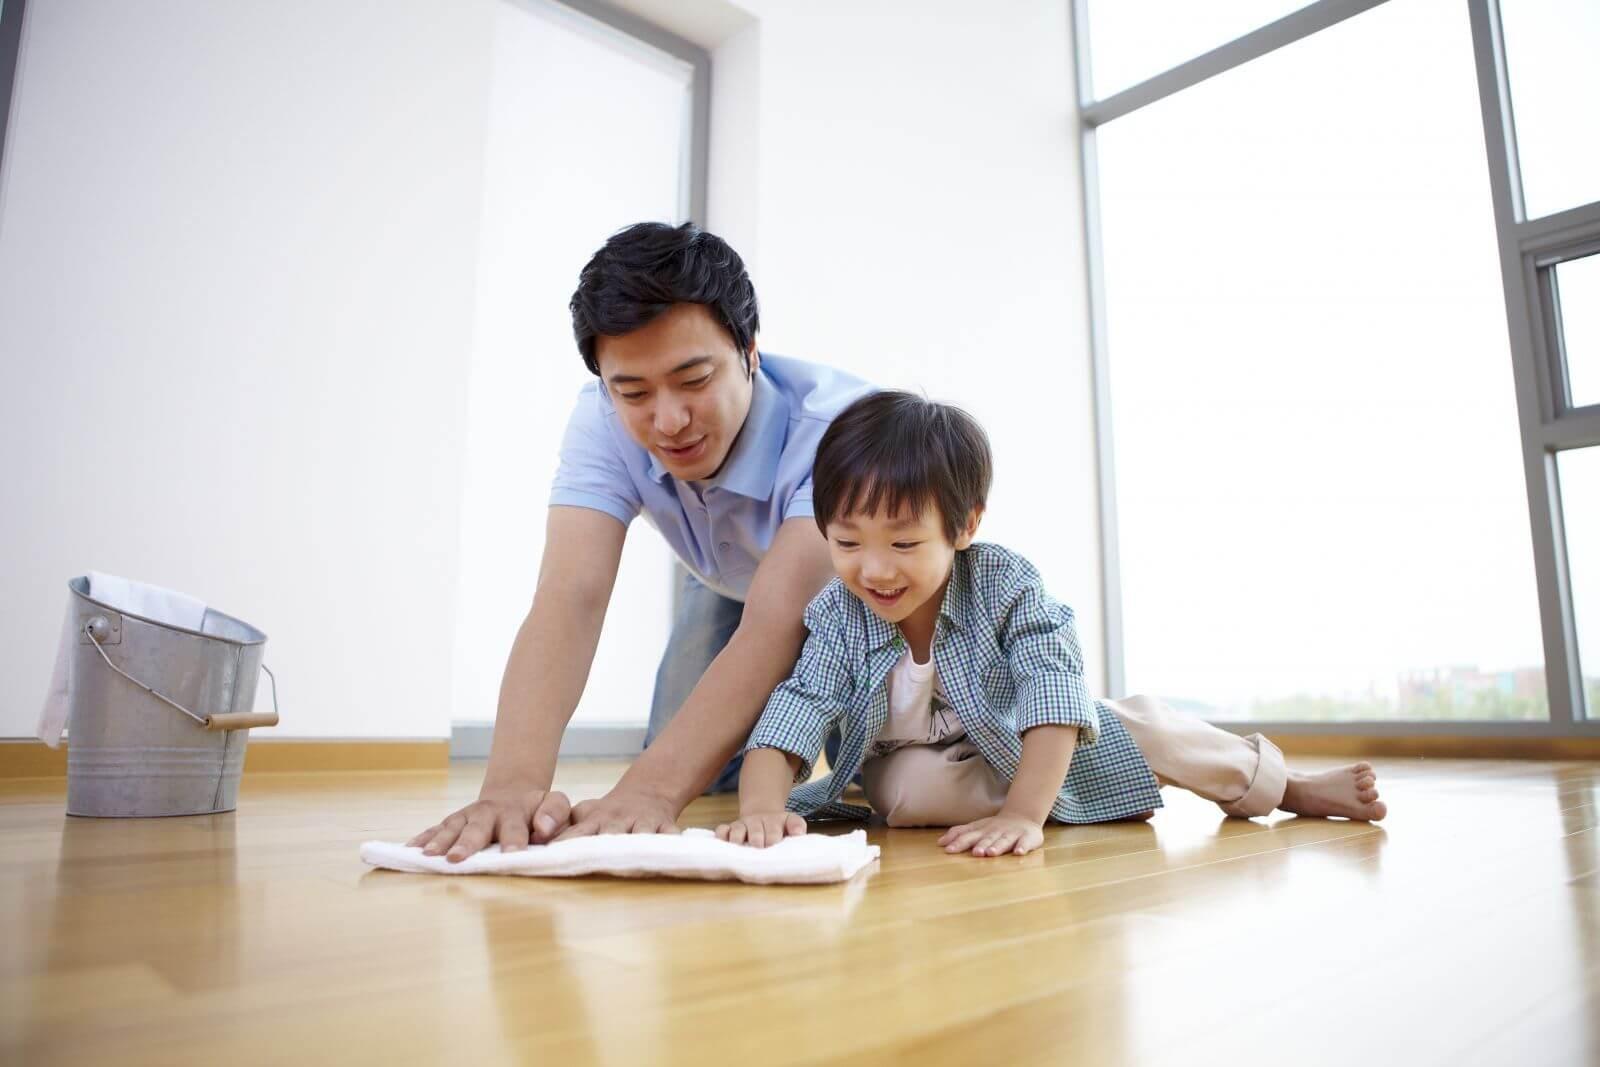 Vì sao bạn nên sử dụng nước tẩy rửa đa năng vệ sinh cho gia đình?